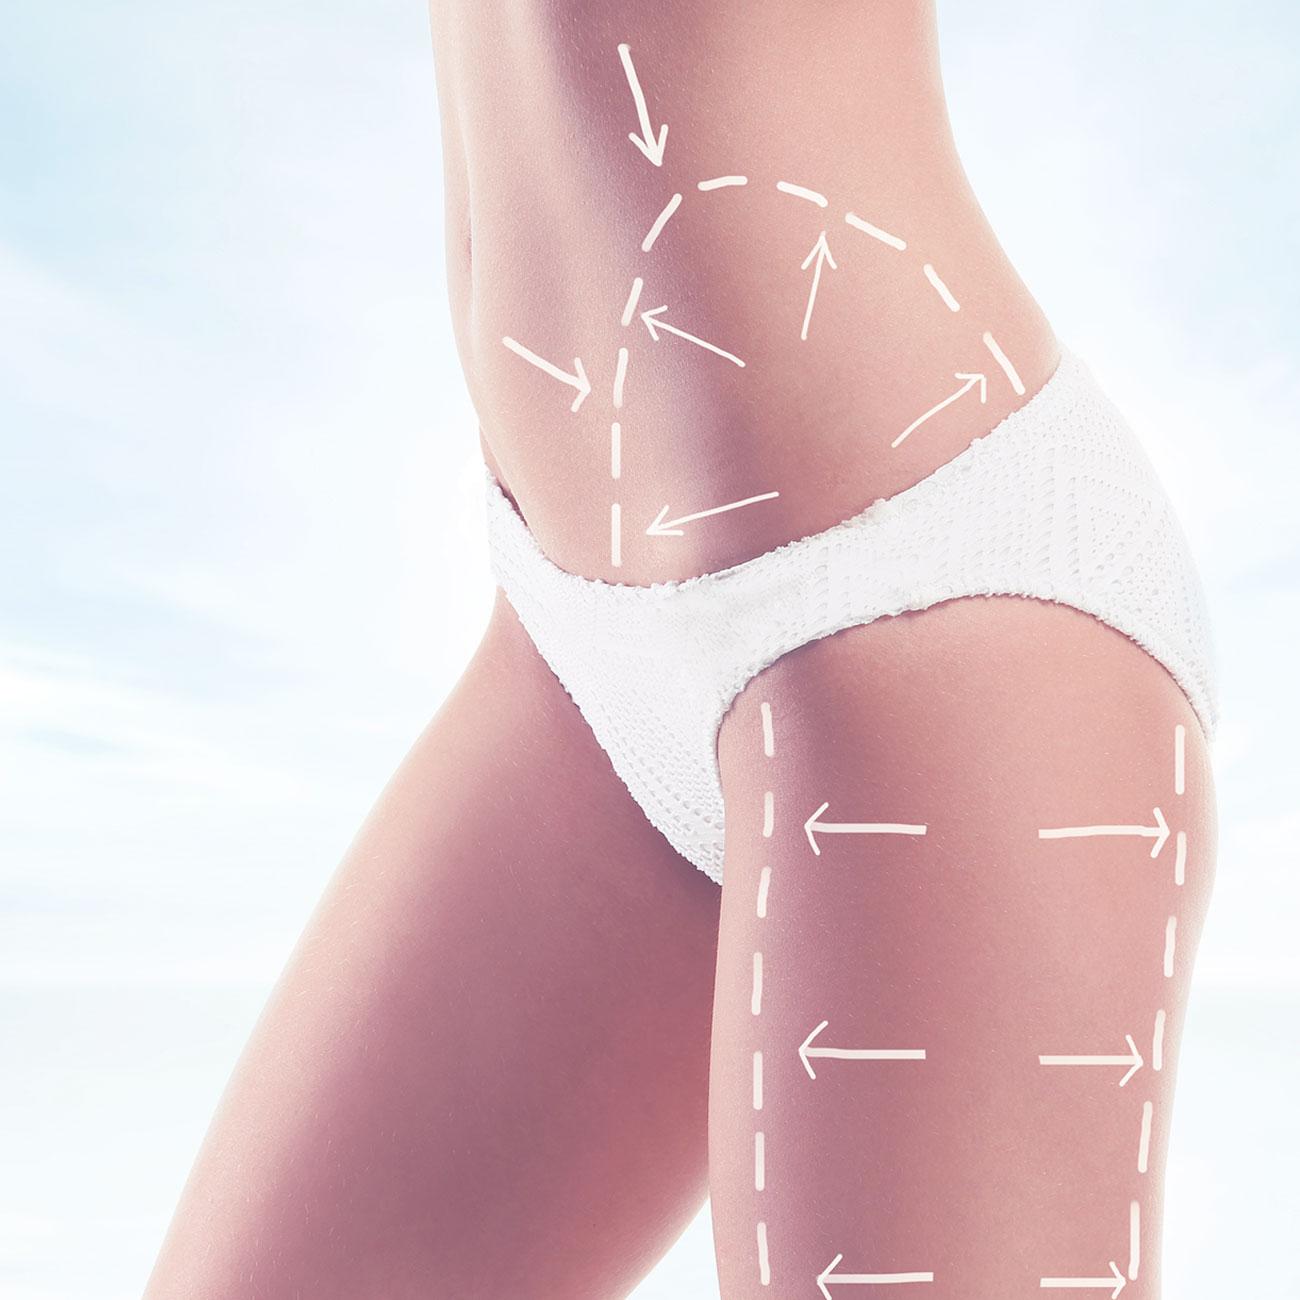 Tratamientos de cirugía corporal de clínica menorca